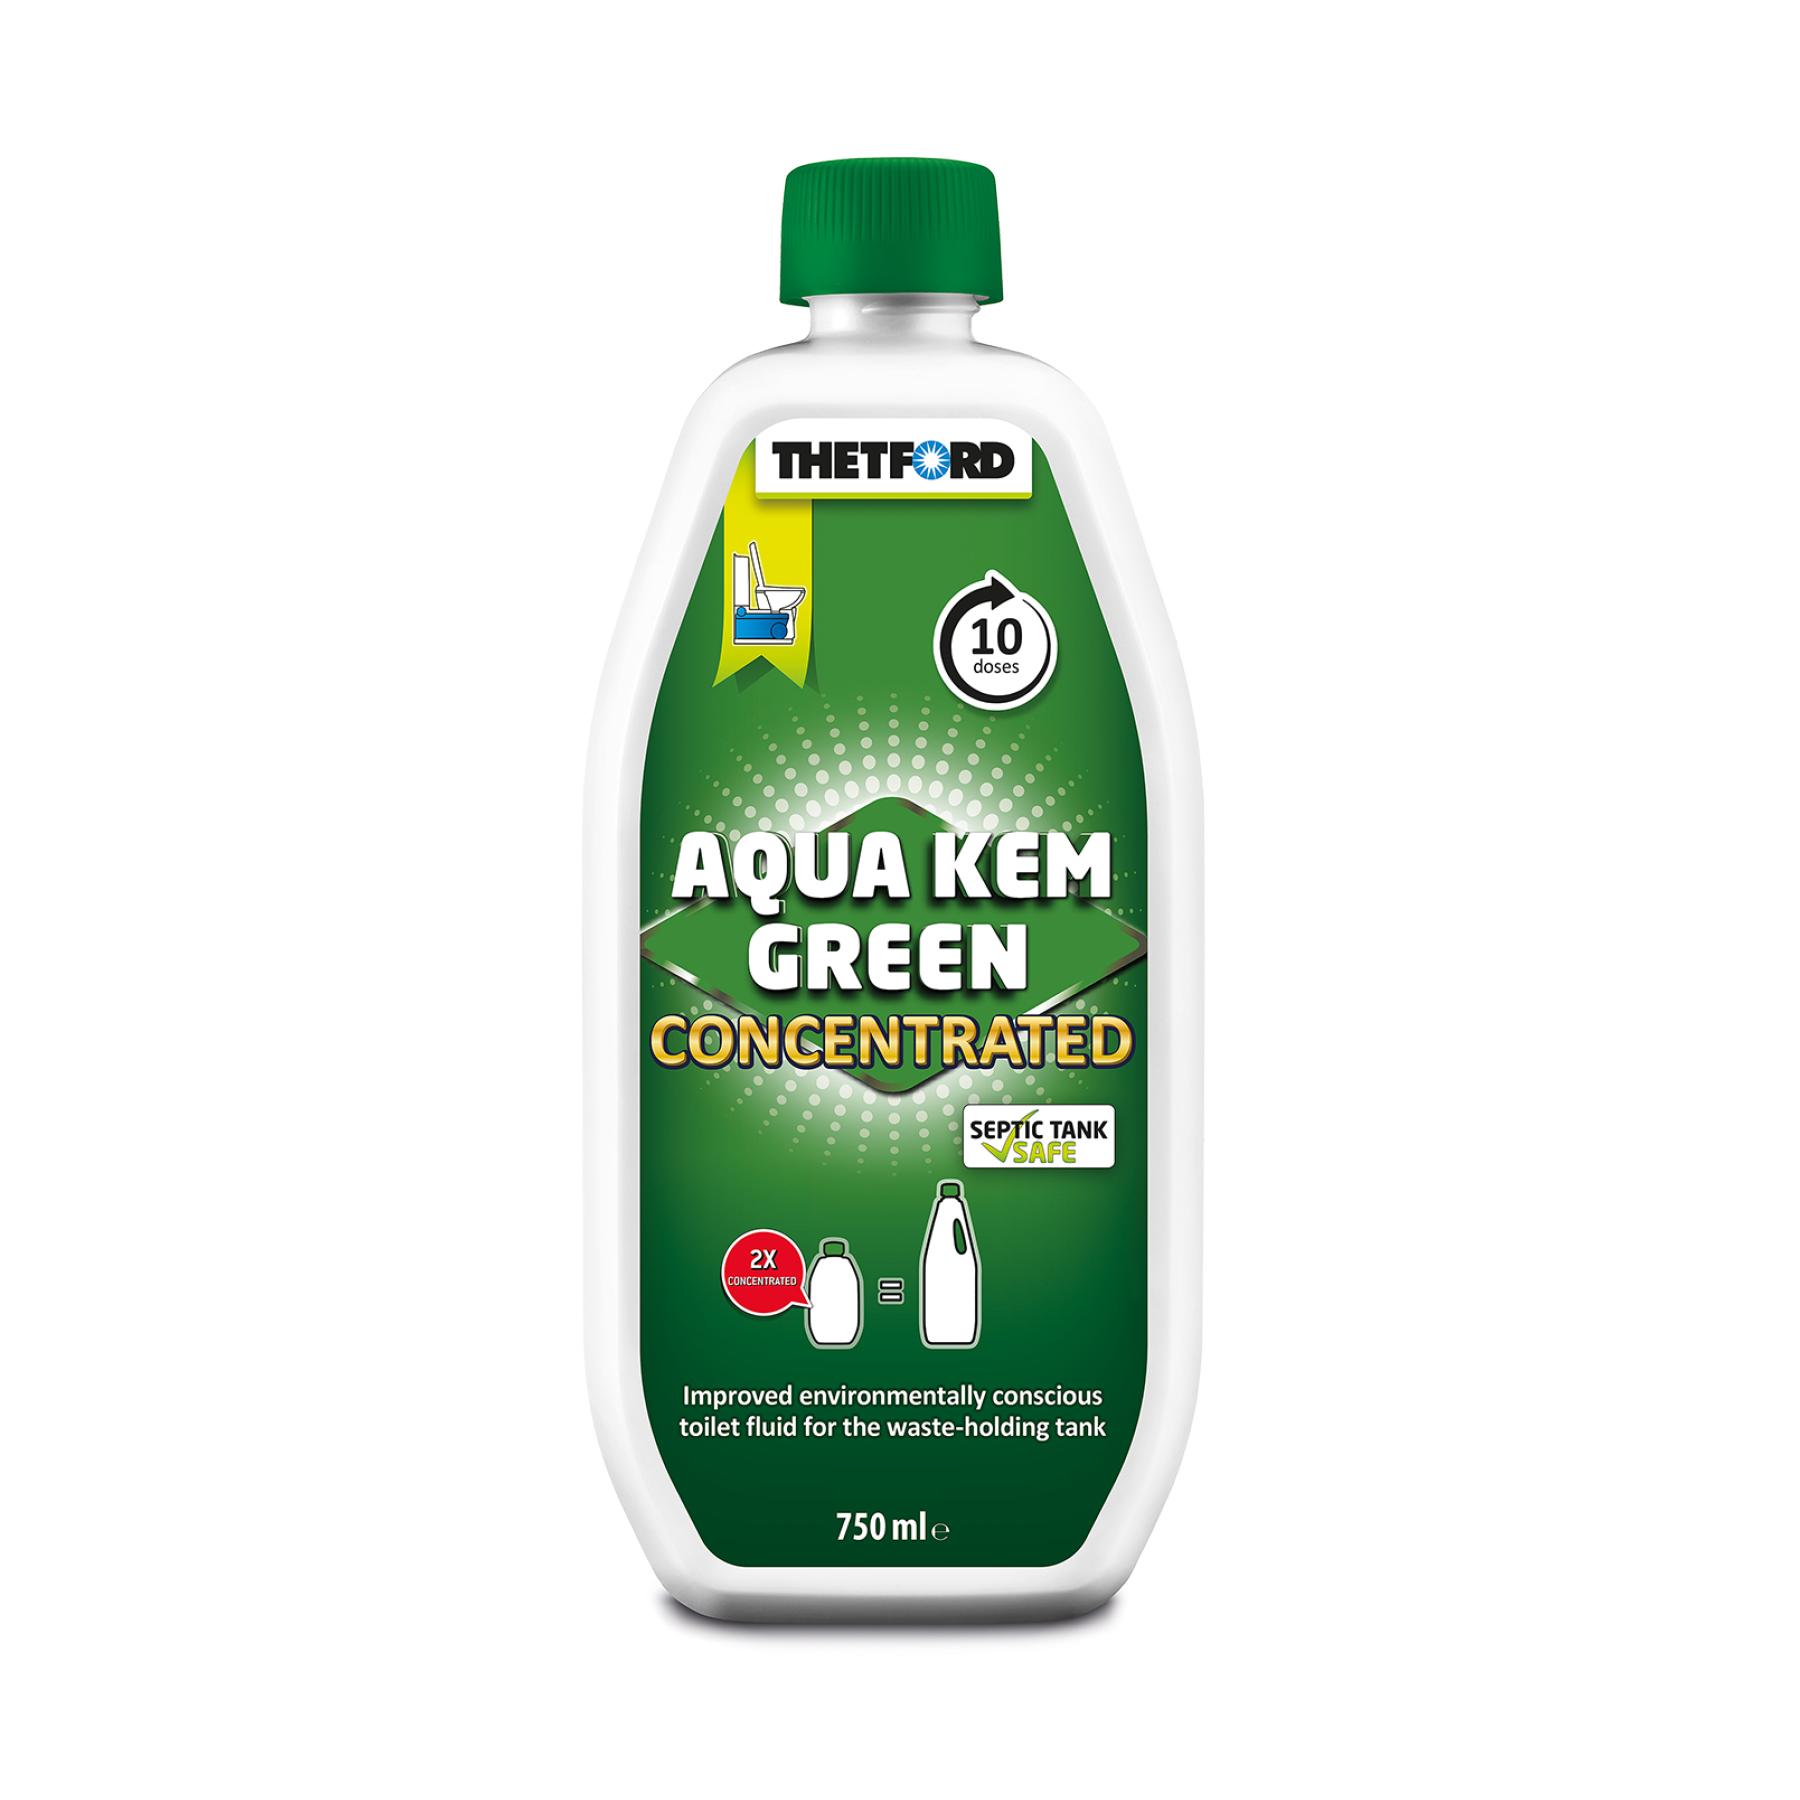 AQUA KEM GREEN CONCENTRATED – 750ml